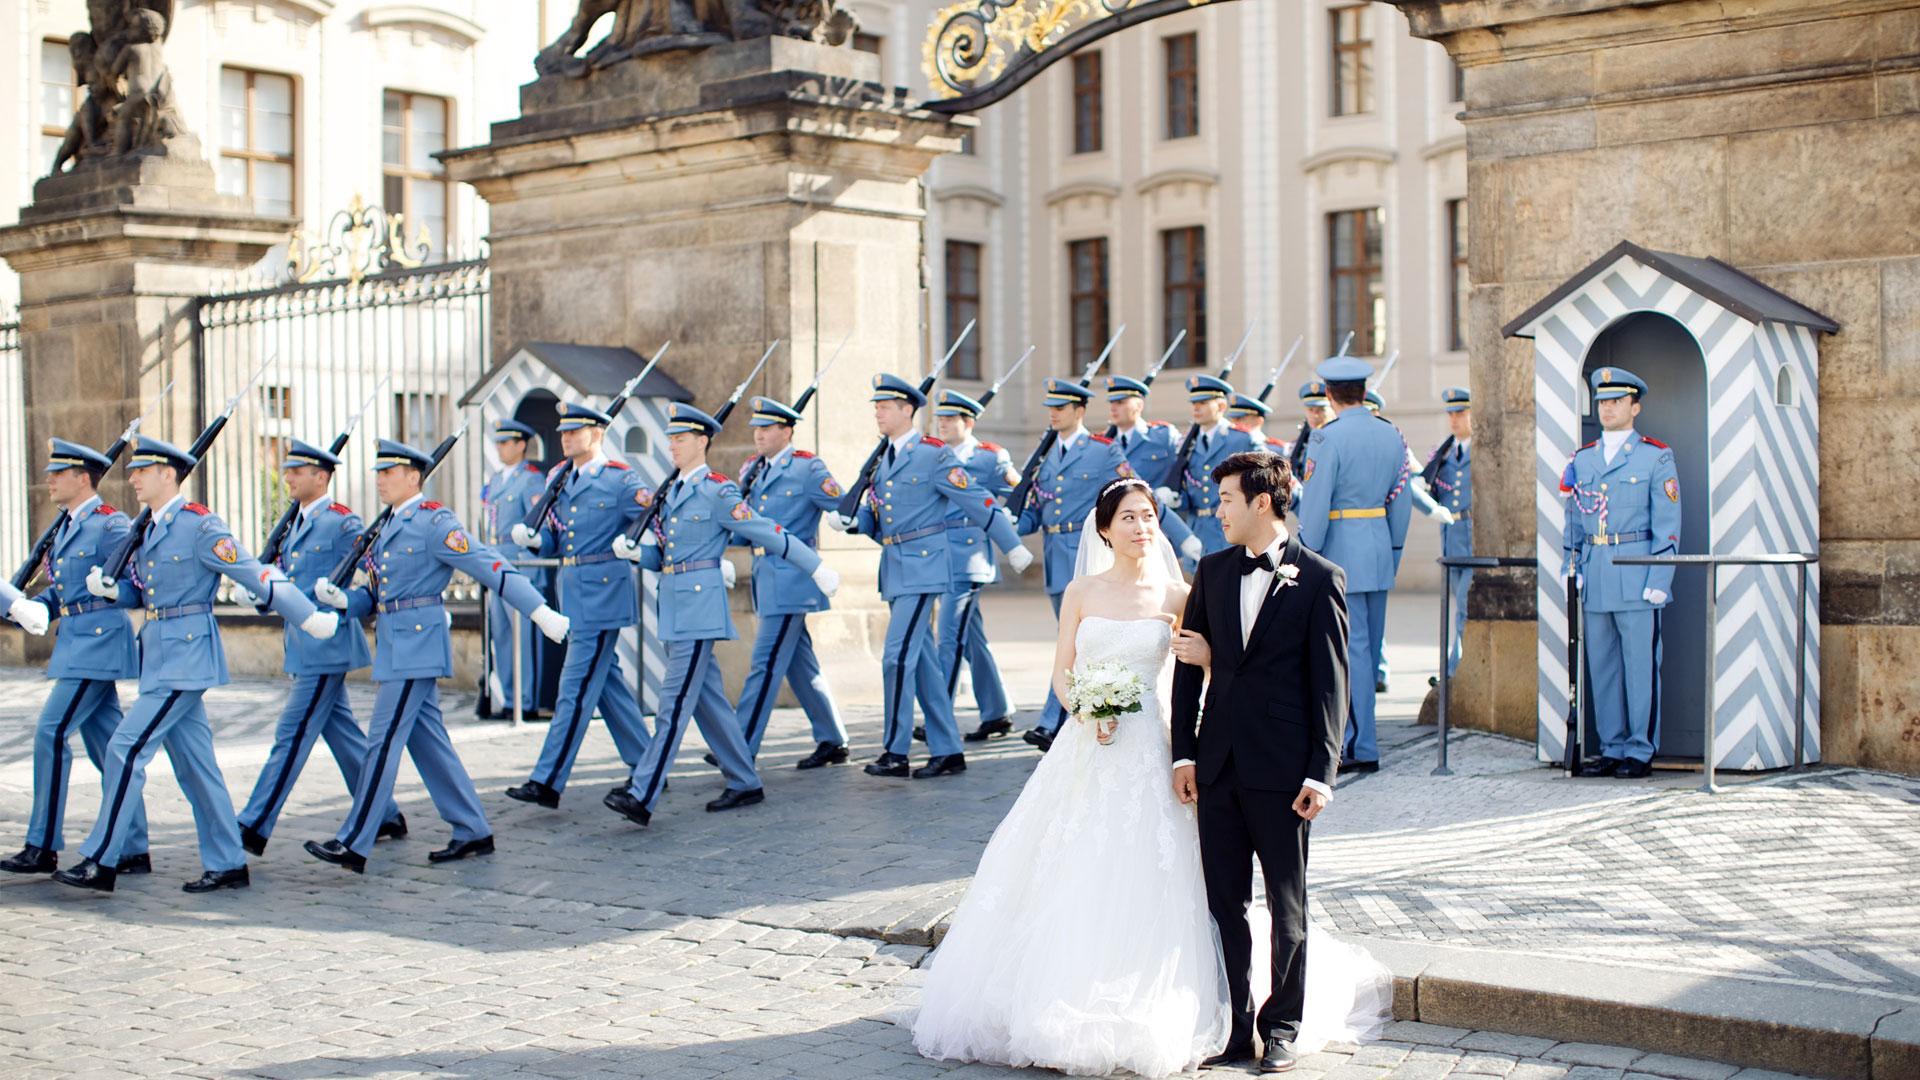 Cambio de guardia en el Castillo de Praga.